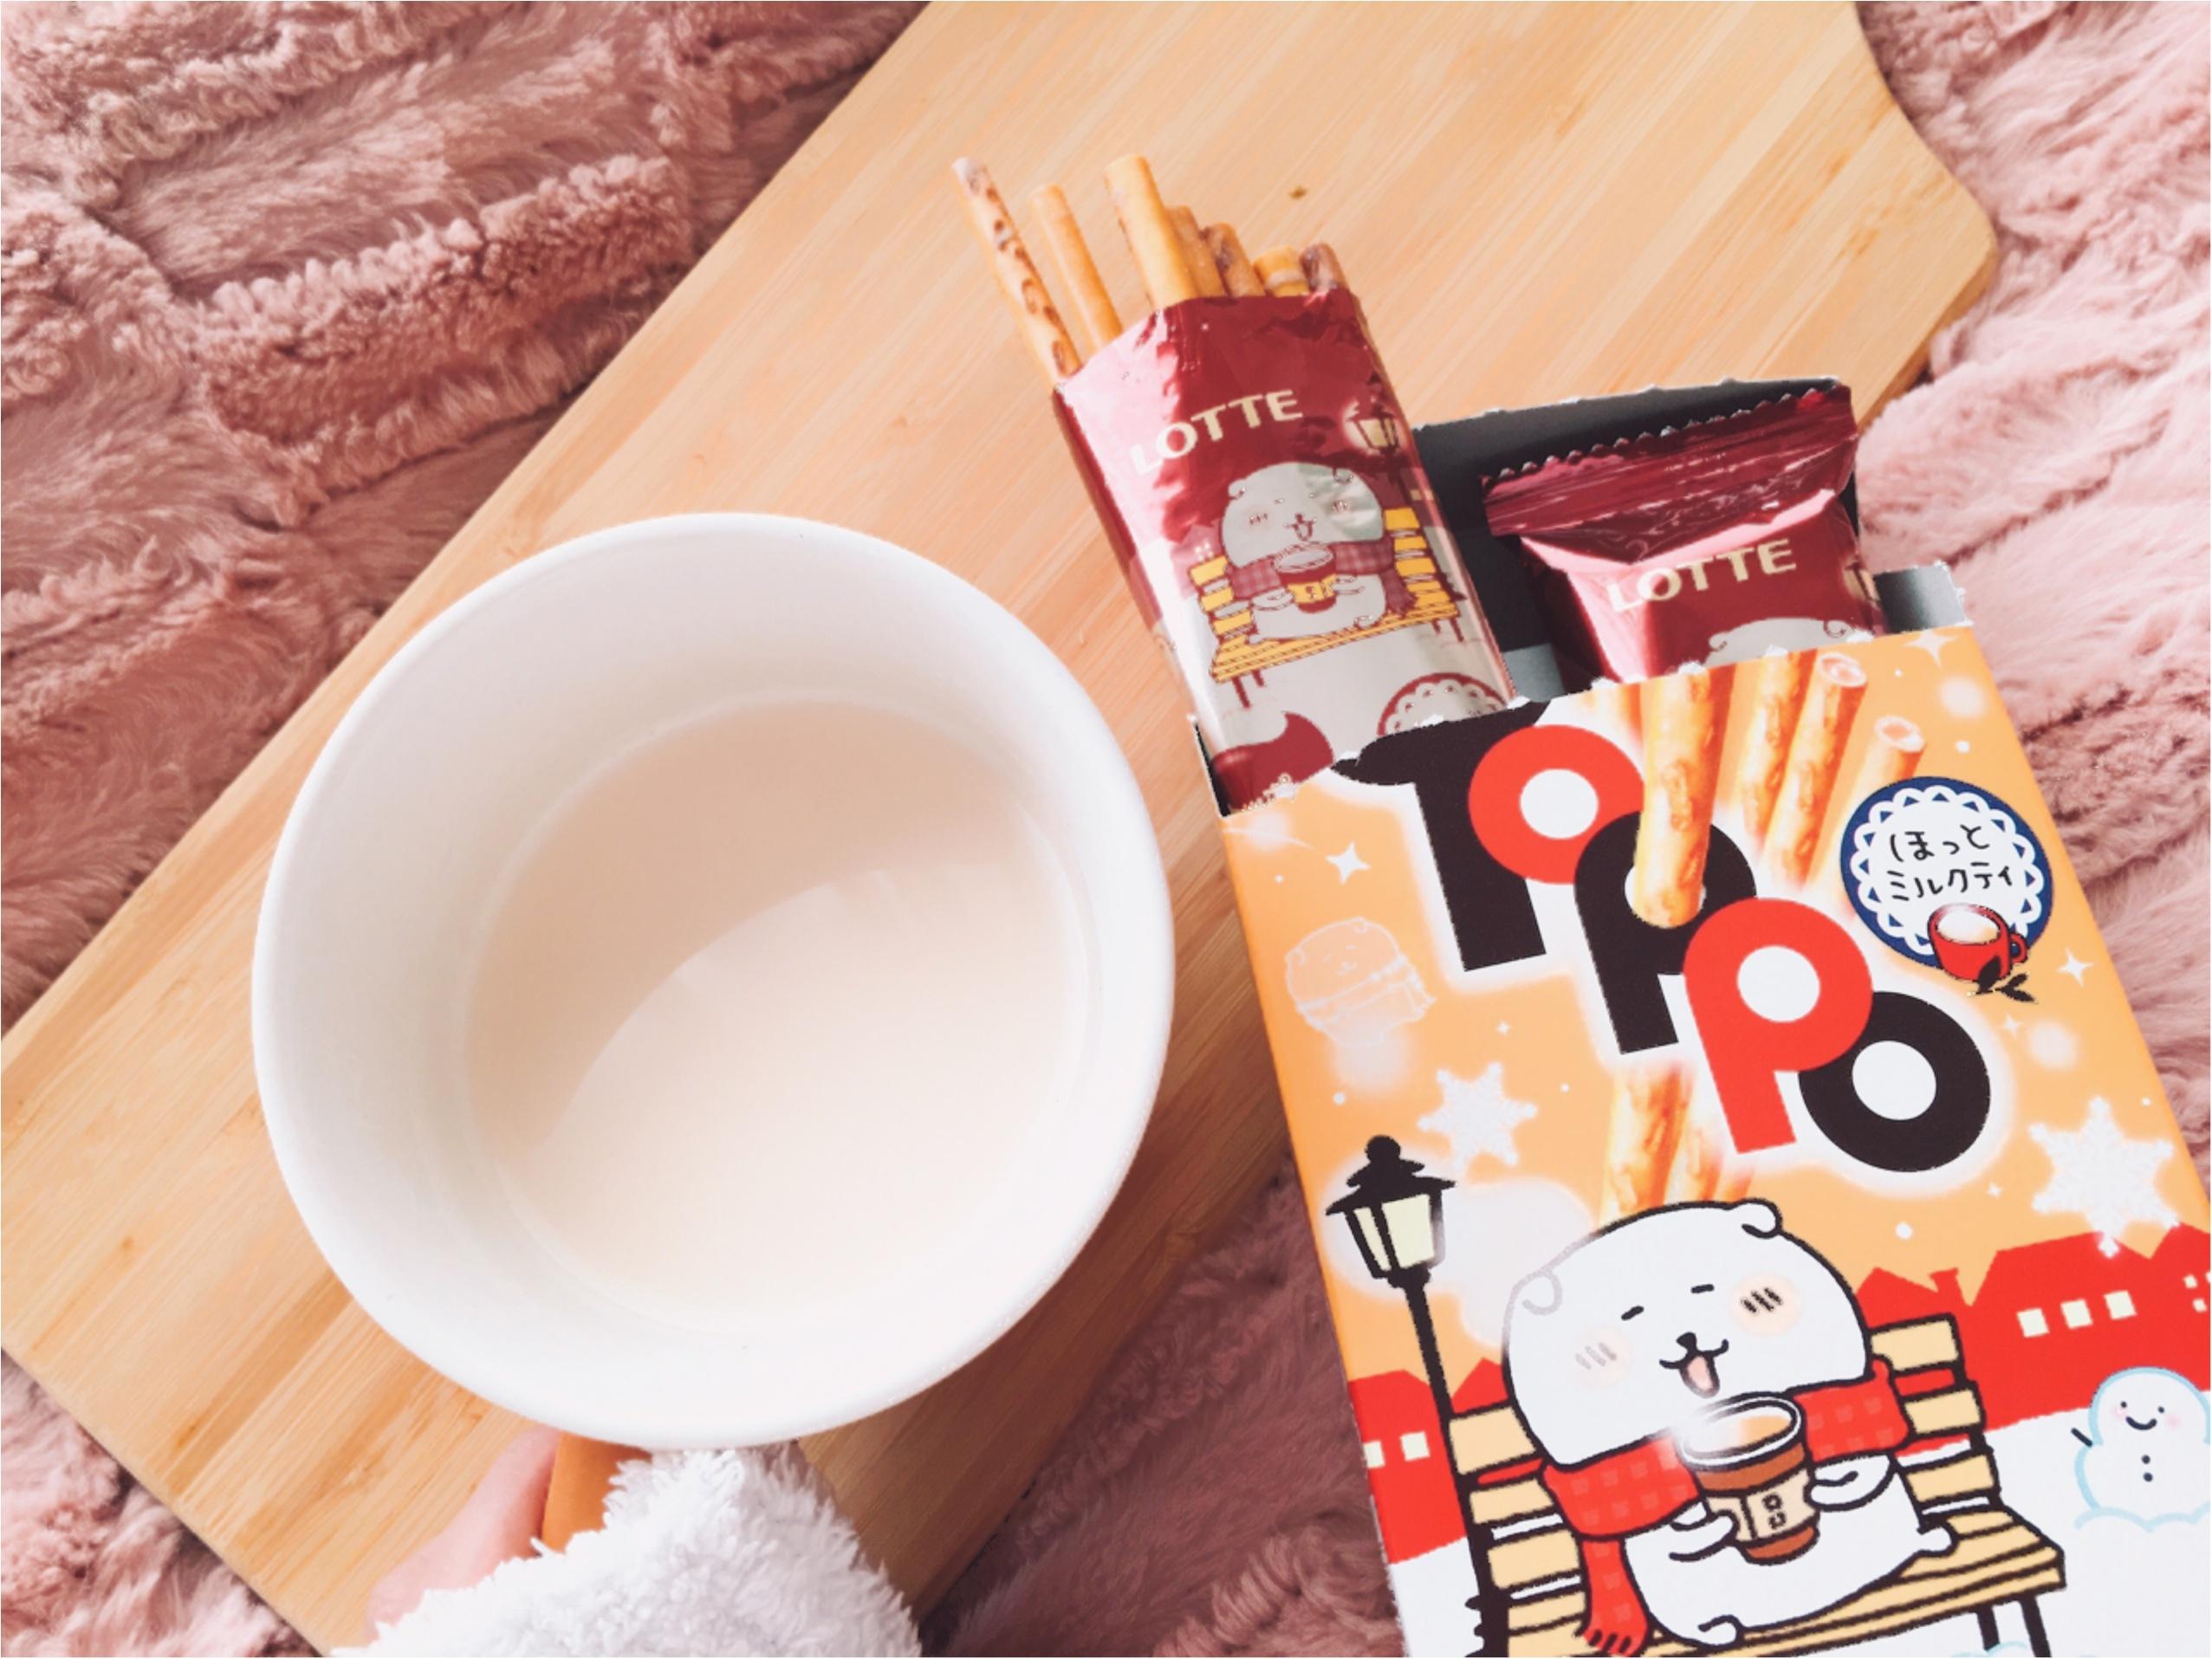 ほっとする【TOPPO(トッポ)】ミルクティー味が新登場♡「自分ツッコミくま」のナガノさんパッケージがかわいい!_4